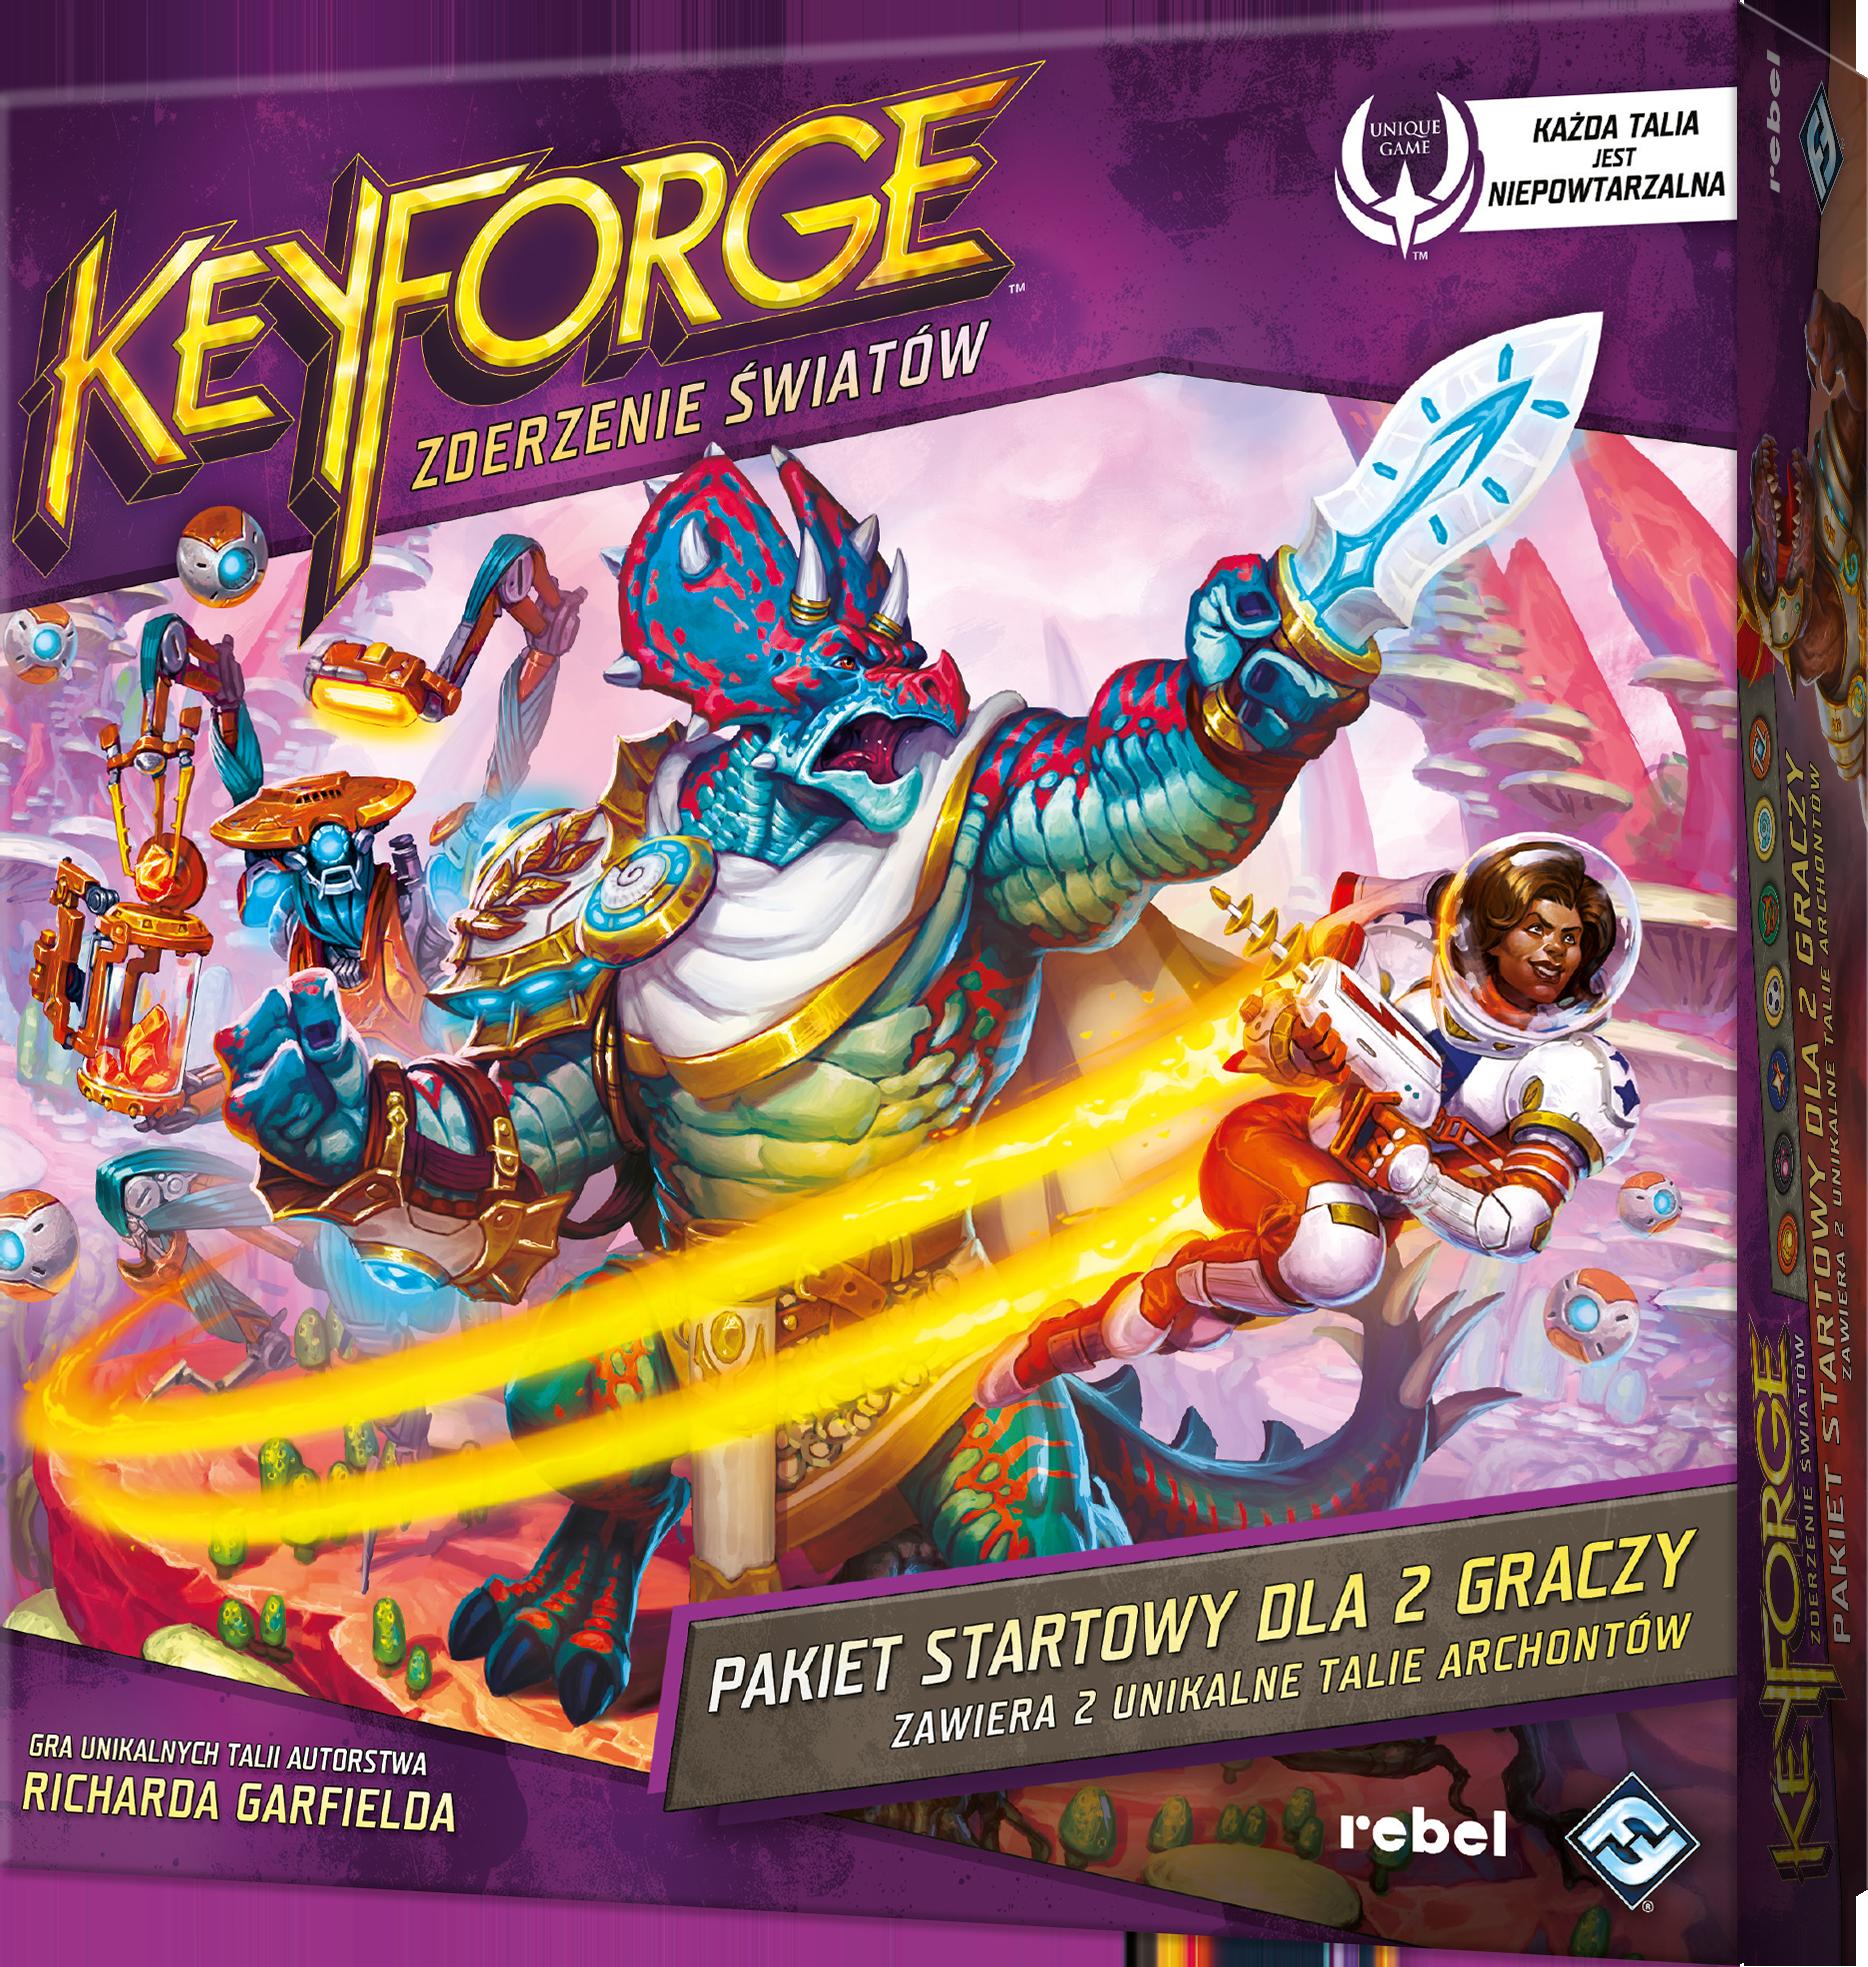 KeyForge: Zderzenie Światów - Pakiet startowy - 1